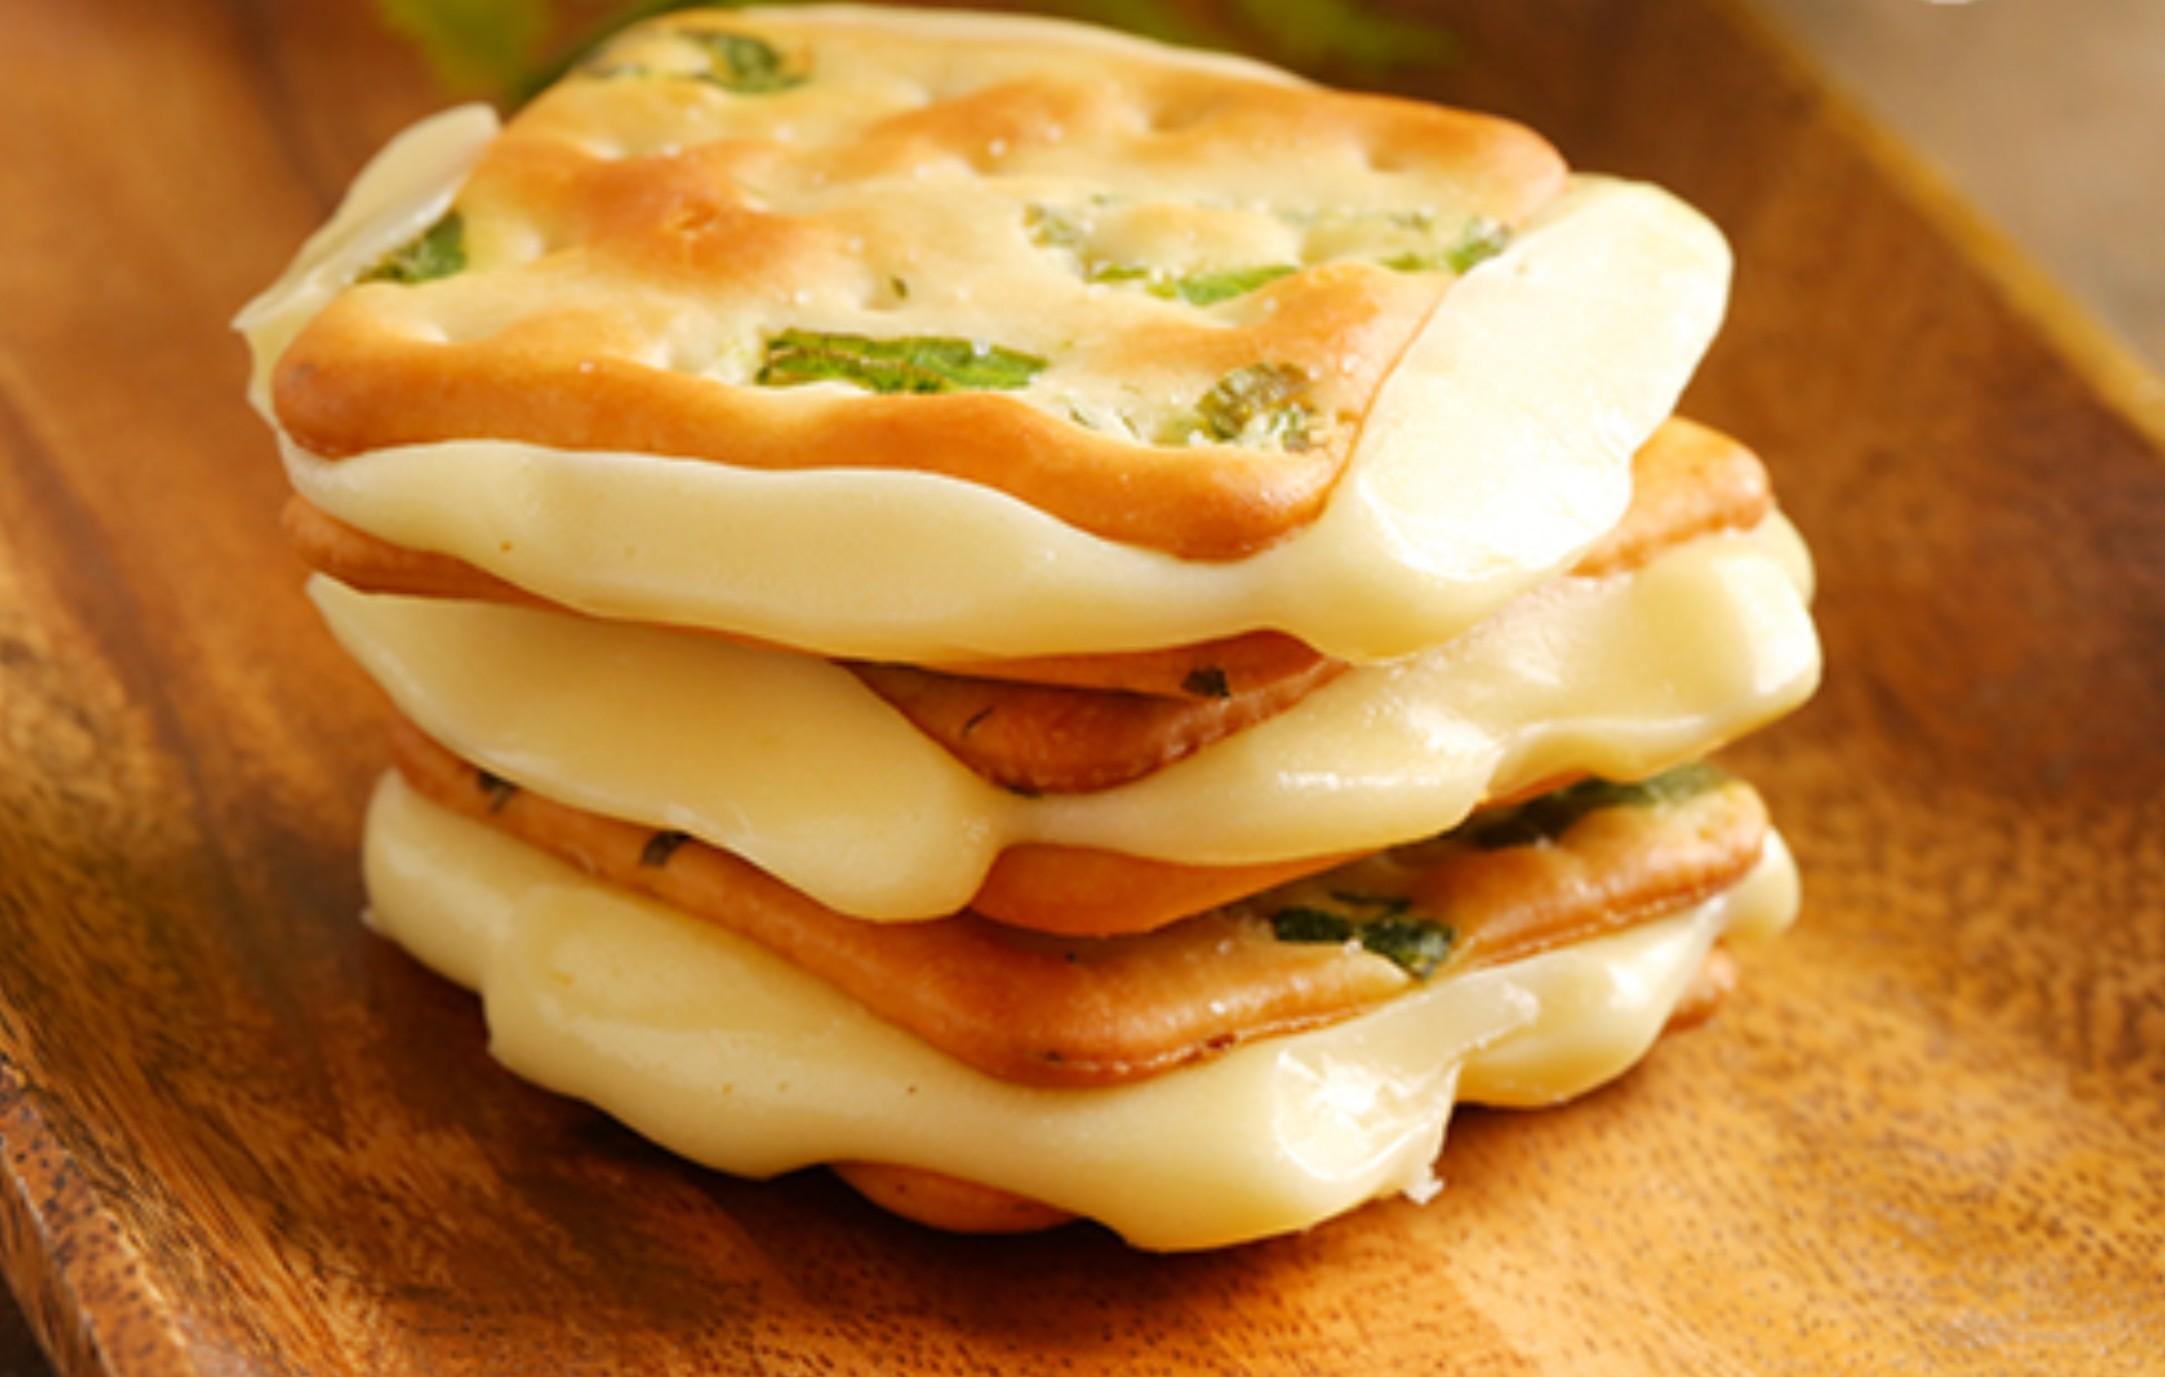 【蘿蒂烘焙坊】爆漿香酥厚實牛軋夾心餅(低糖/低熱量)/15包 免運組(可備註加購手提紙袋2元)(任選20贈1)